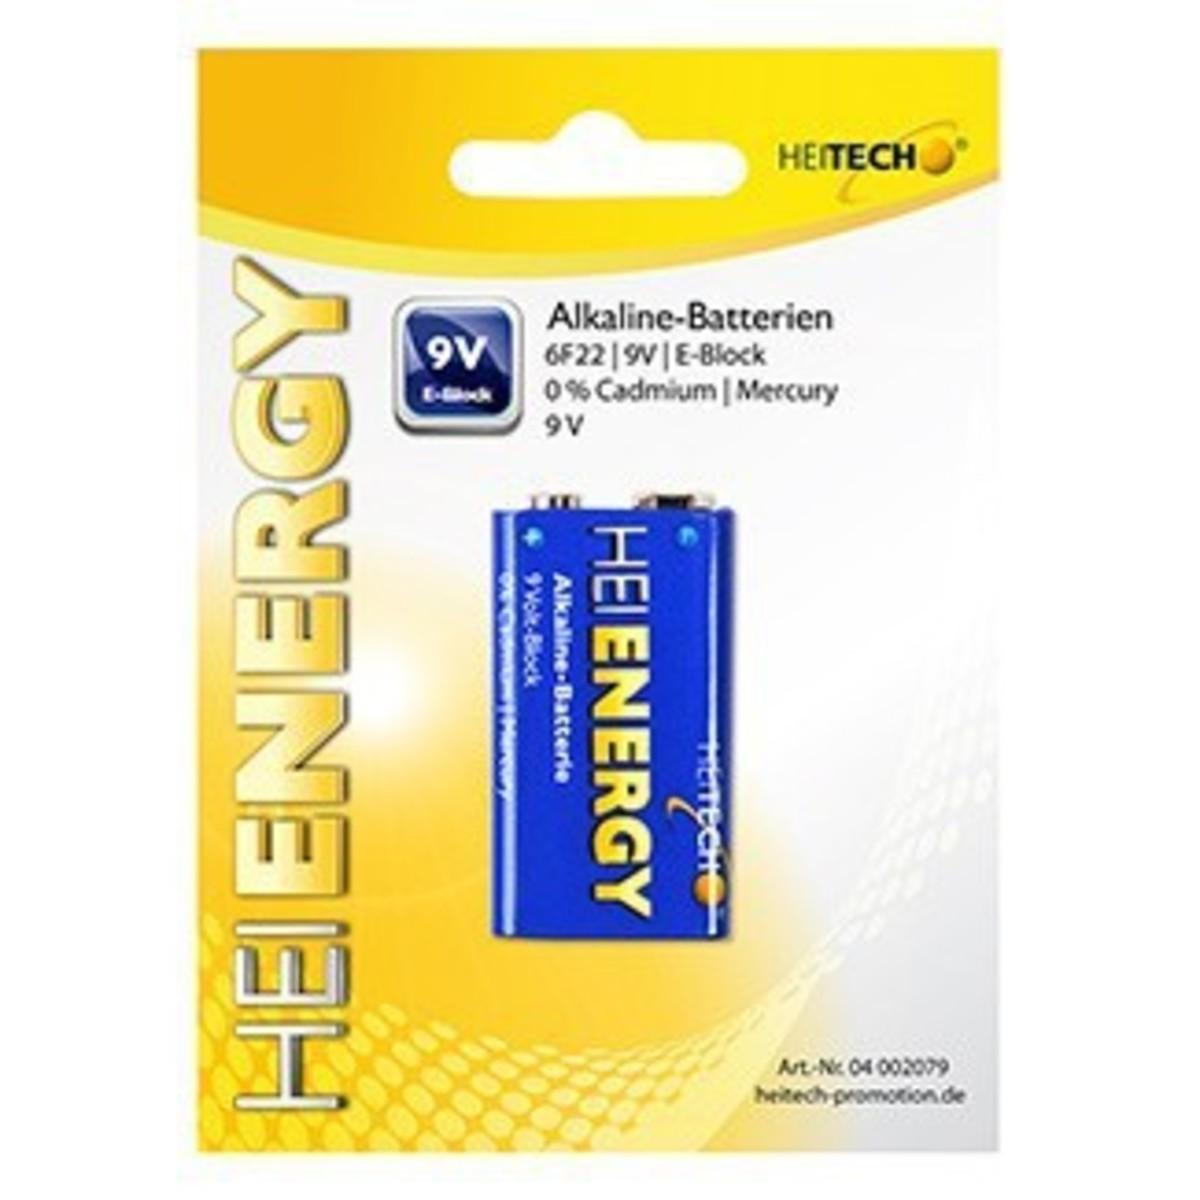 Bild 1 von Heitech Alkaline Batterien 1-er Pack 9V/E-Block